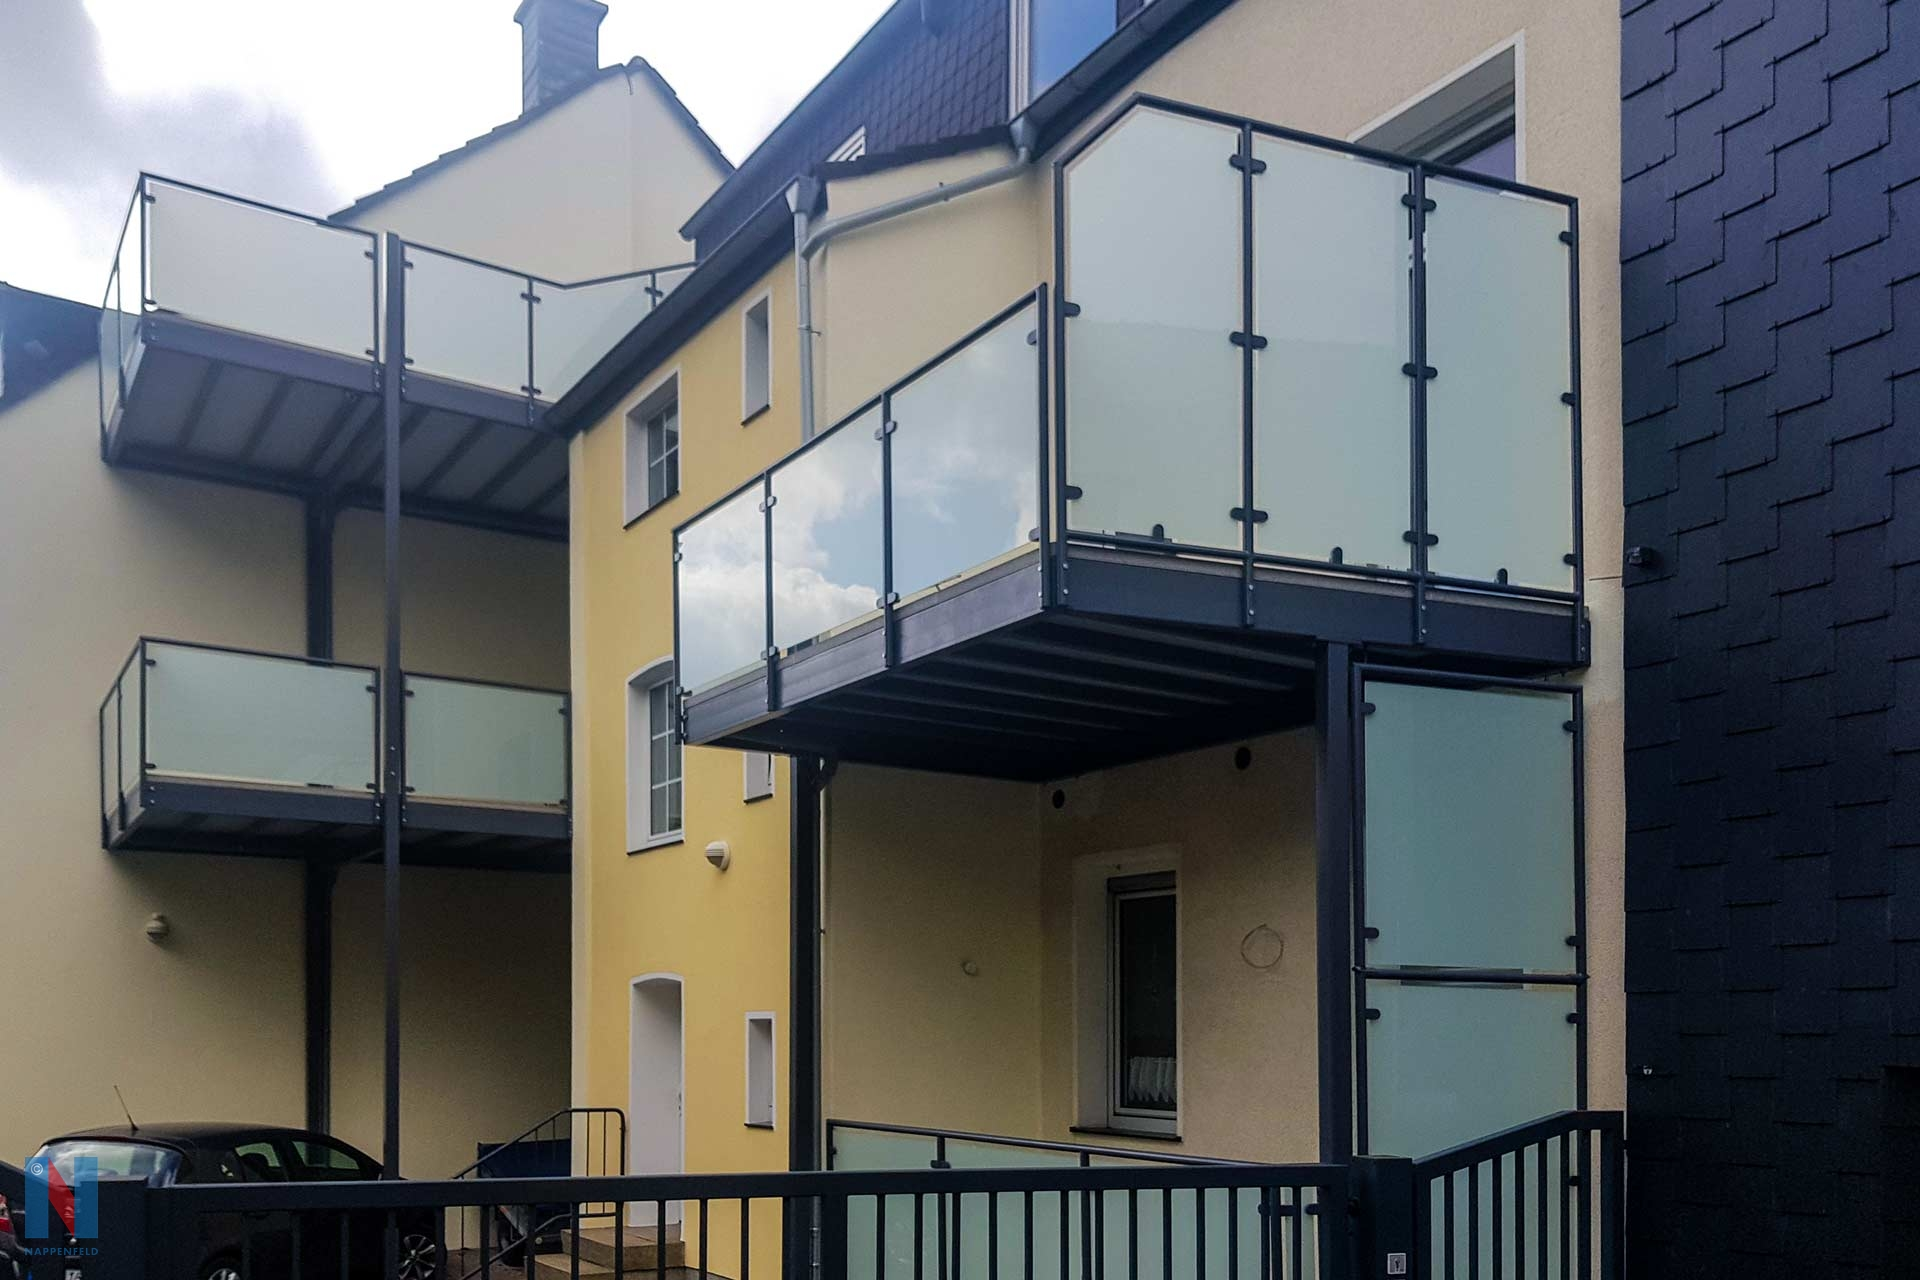 Wie man auch auf engem Raum ästhetisch ansprechende Lösungen findet, zeigt der Balkonbau-Spezialist Nappenfeld aus Mühlheim in Essen. Dort montierte das Unternehmen zwei Balkontürme.